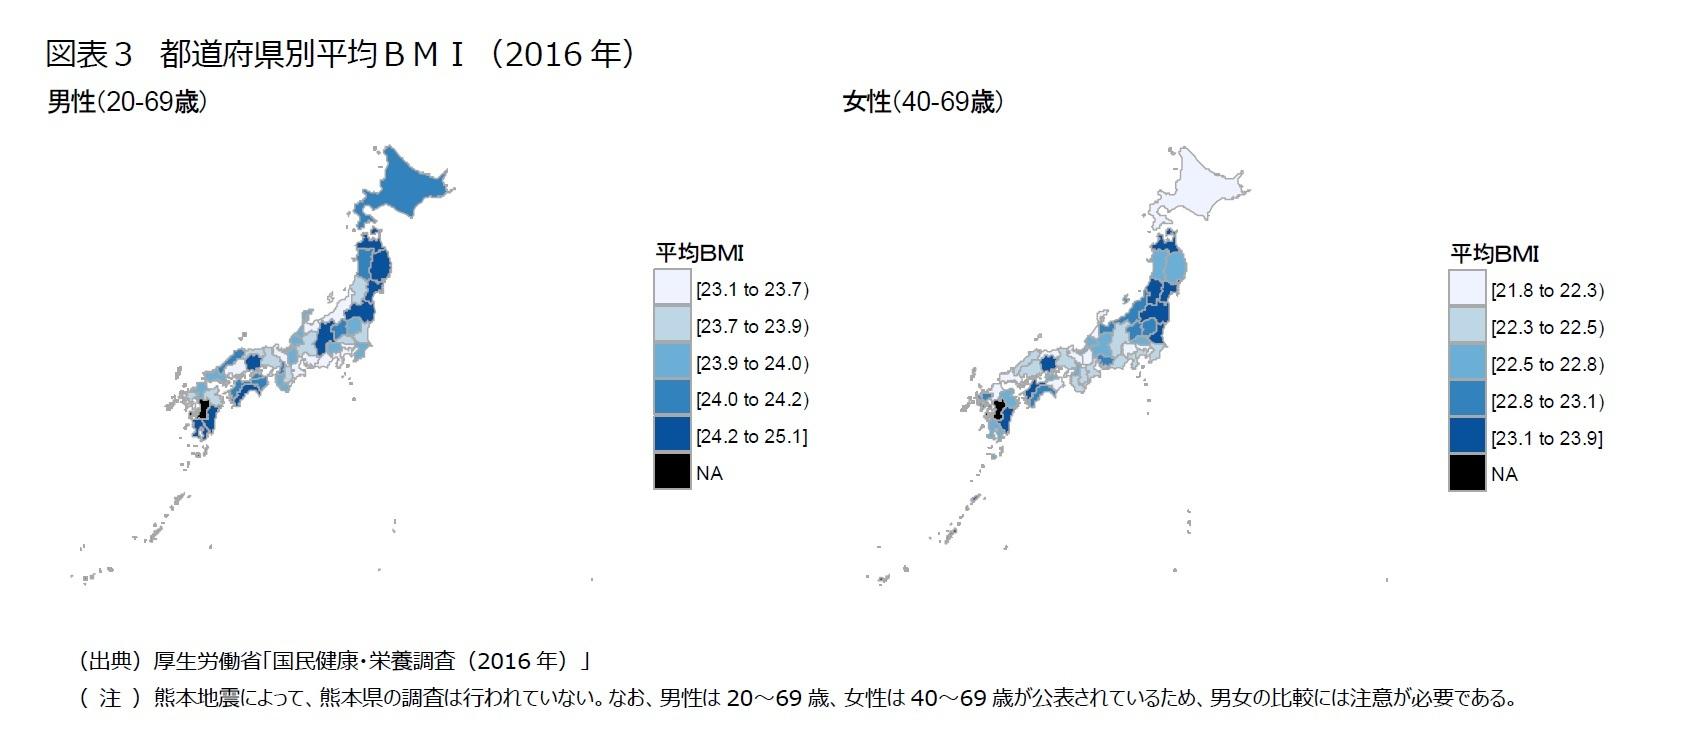 図表3 都道府県別平均BMI(2016年)